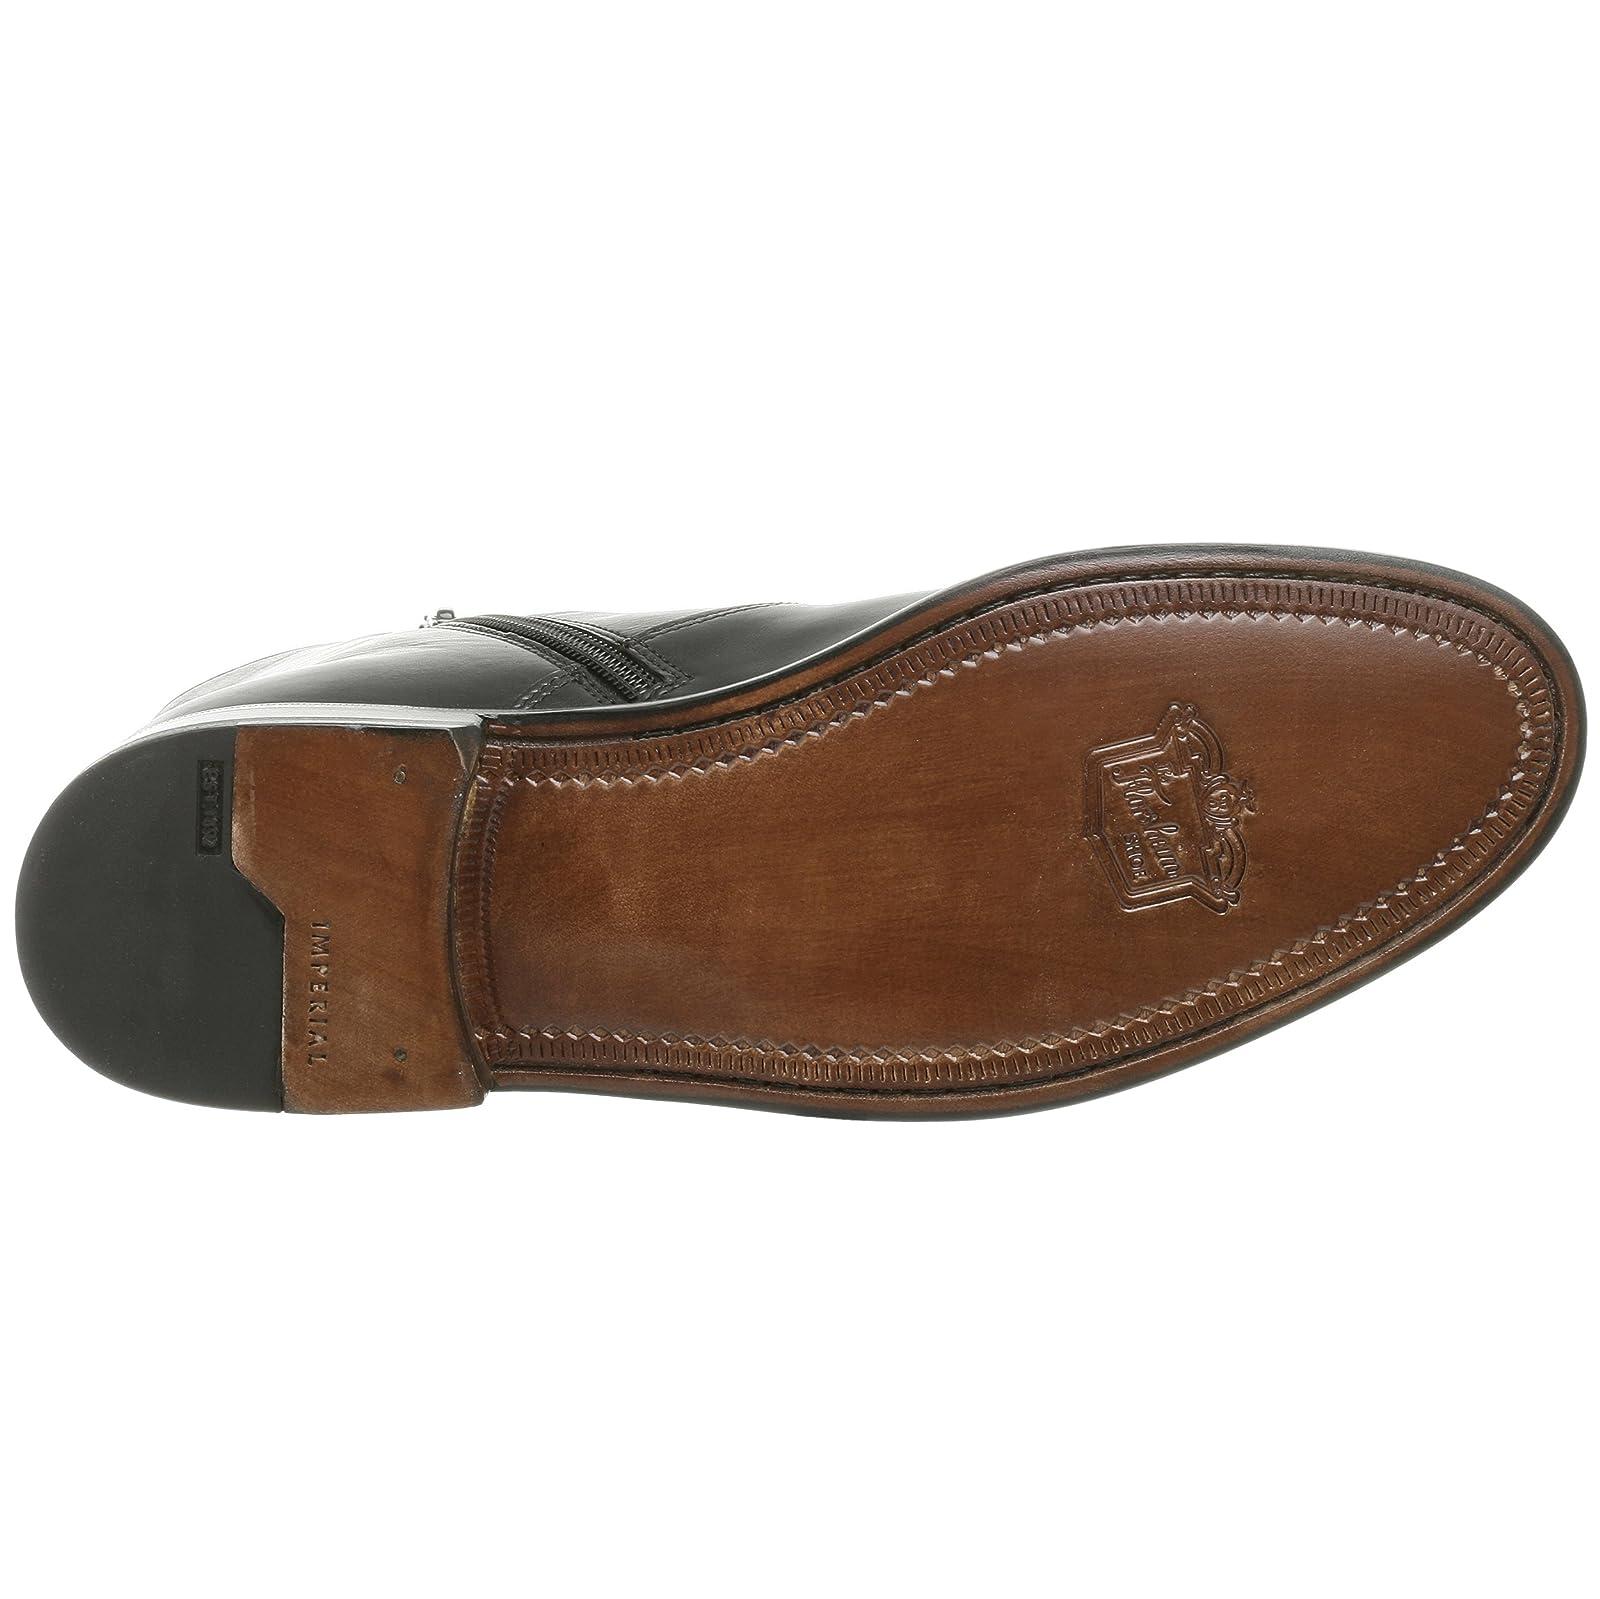 Florsheim Men's Hugo Boot 18570 Black Milled Leather - 3